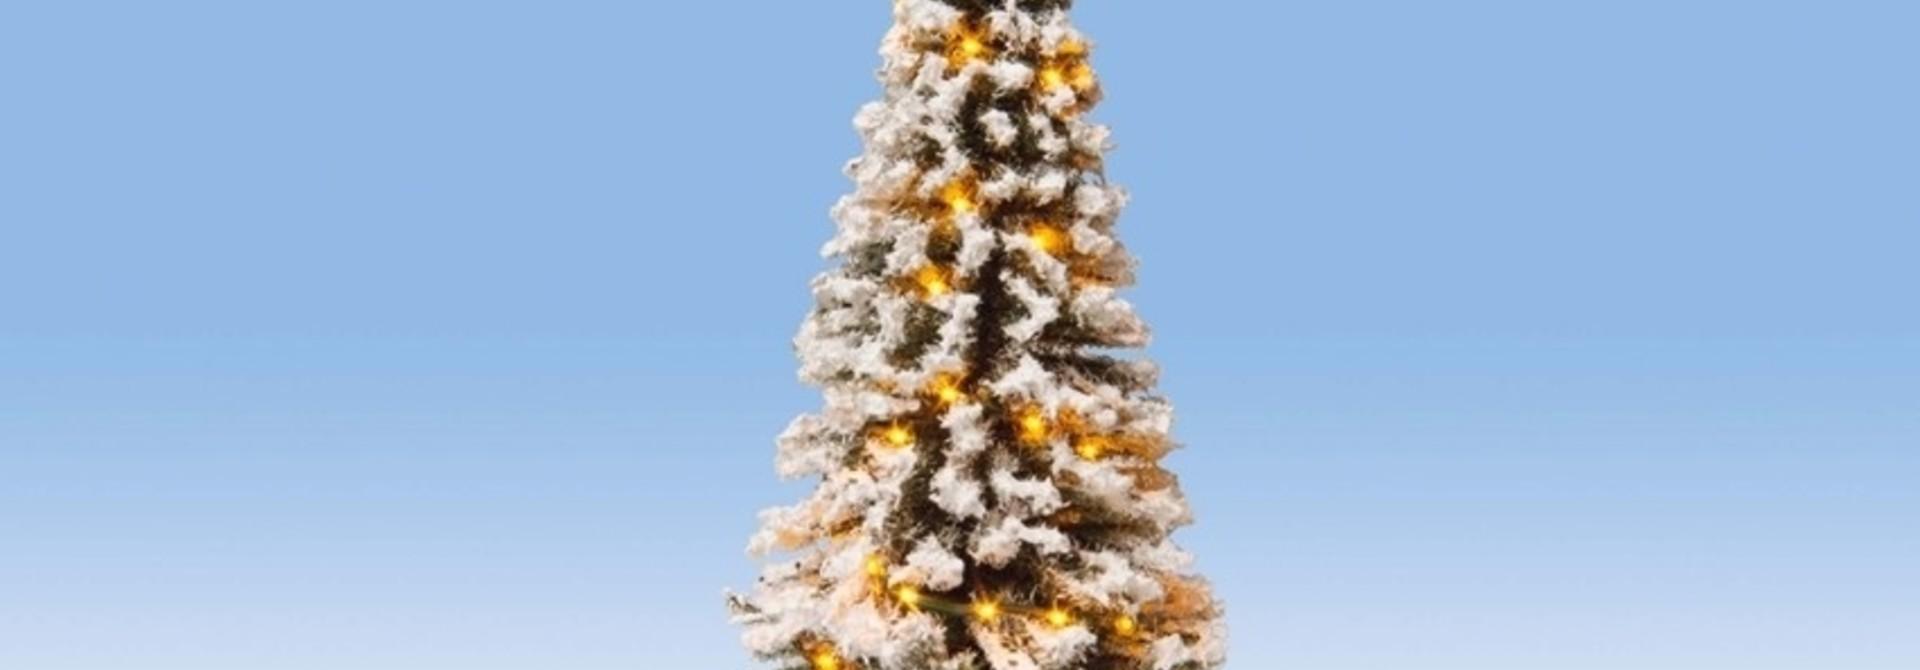 22130 Beleuchteter Weihnachtsbaum